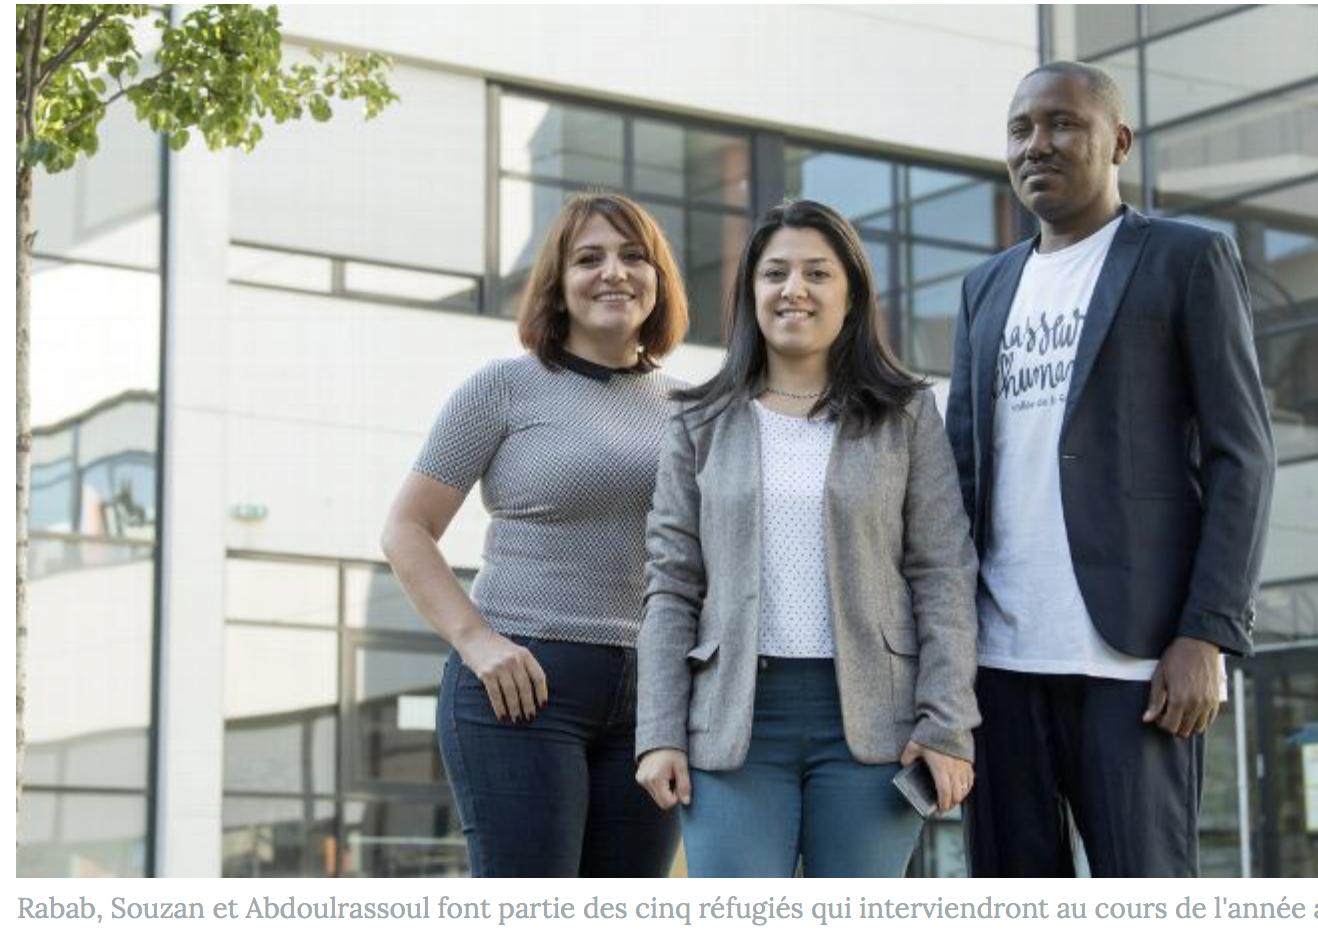 A la fac de Clermont-Ferrand, des migrants vont enseigner… même s'ils ne parlent pas le français